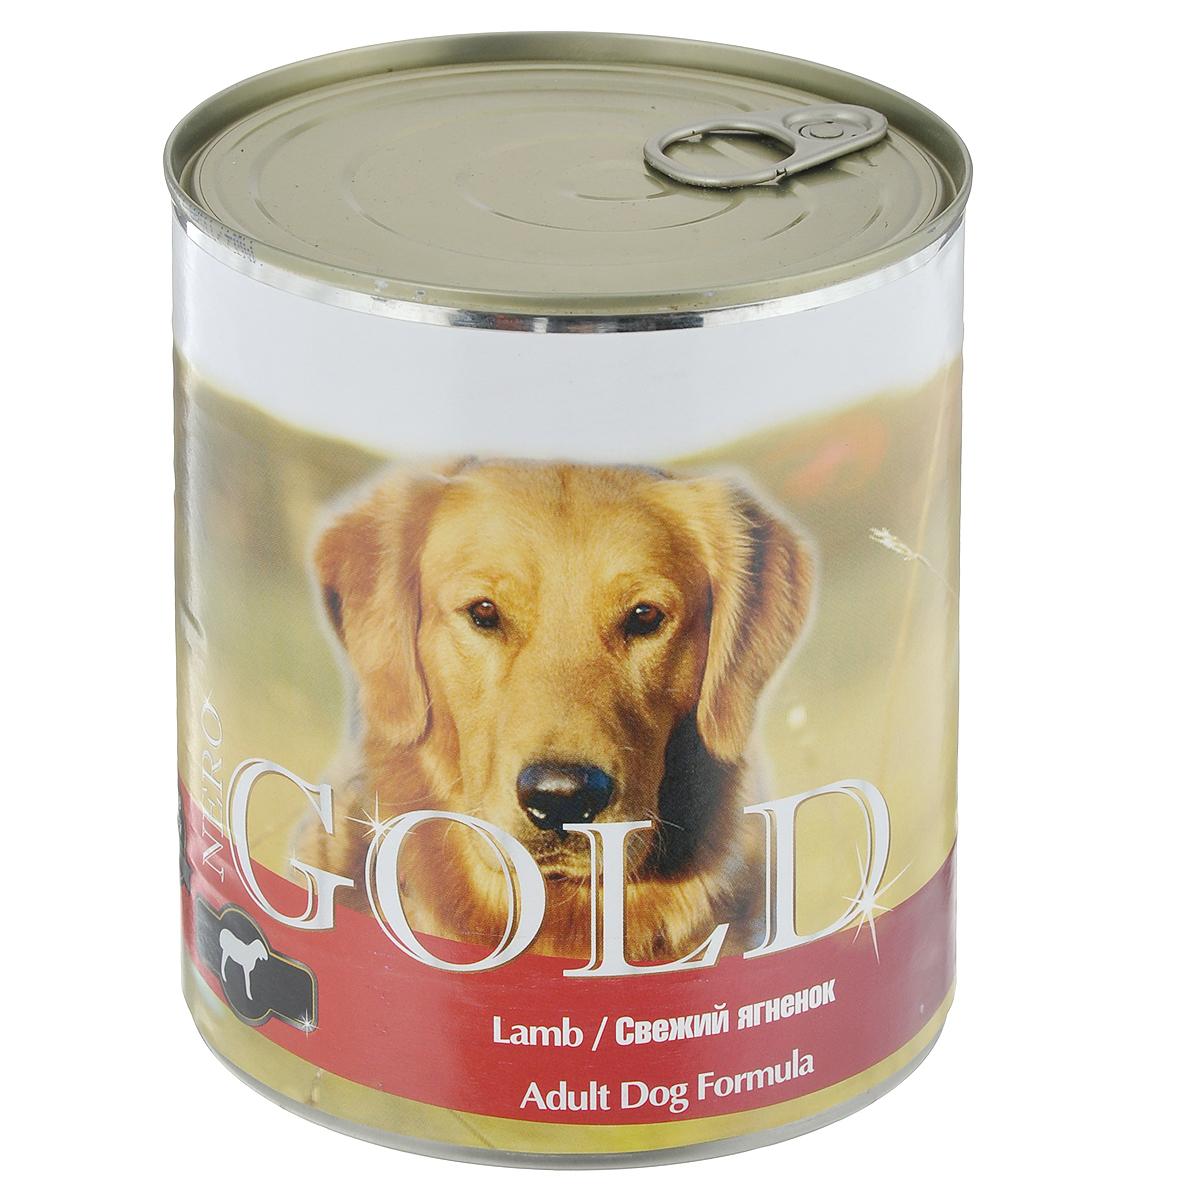 Консервы для собак Nero Gold, свежий ягненок, 810 г10324Консервы для собак Nero Gold - полнорационный продукт, содержащий все необходимые витамины и минералы, сбалансированный для поддержания оптимального здоровья вашего питомца! Состав: мясо и его производные, филе курицы, филе ягненка, злаки, витамины и минералы. Гарантированный анализ: белки 6,5%, жиры 4,5%, клетчатка 0,5%, зола 2%, влага 81%. Пищевые добавки на 1 кг продукта: витамин А 1600 МЕ, витамин D 140 МЕ, витамин Е 10 МЕ, железо 24 мг, марганец 6 мг, цинк 15 мг, медь 1 мг, магний 200 мг, йод 0,3 мг, селен 0,2 мг. Вес: 810 г. Товар сертифицирован.